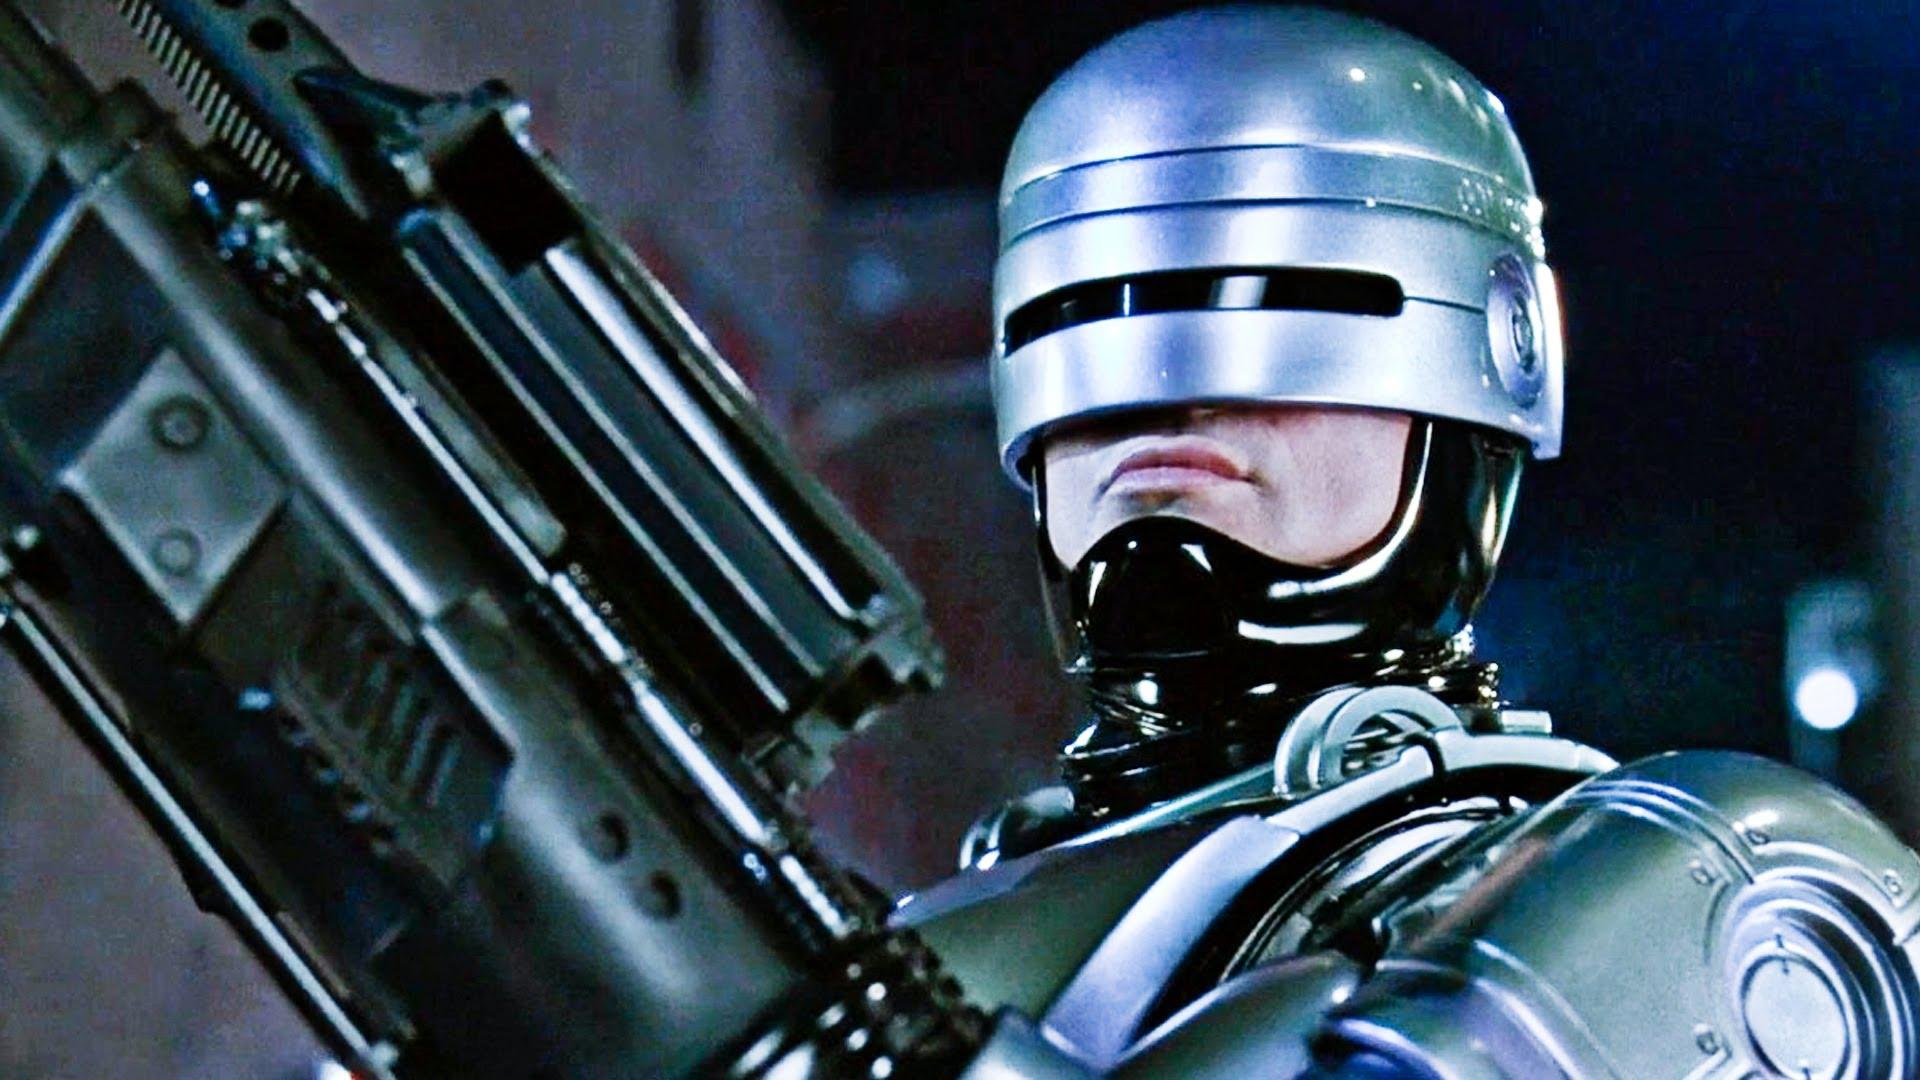 【映画】『ロボコップ』正統続編『 RoboCop Returns』の進捗状況について、ニール・ブロムカンプ監督「脚本は執筆中。うまくいっている」